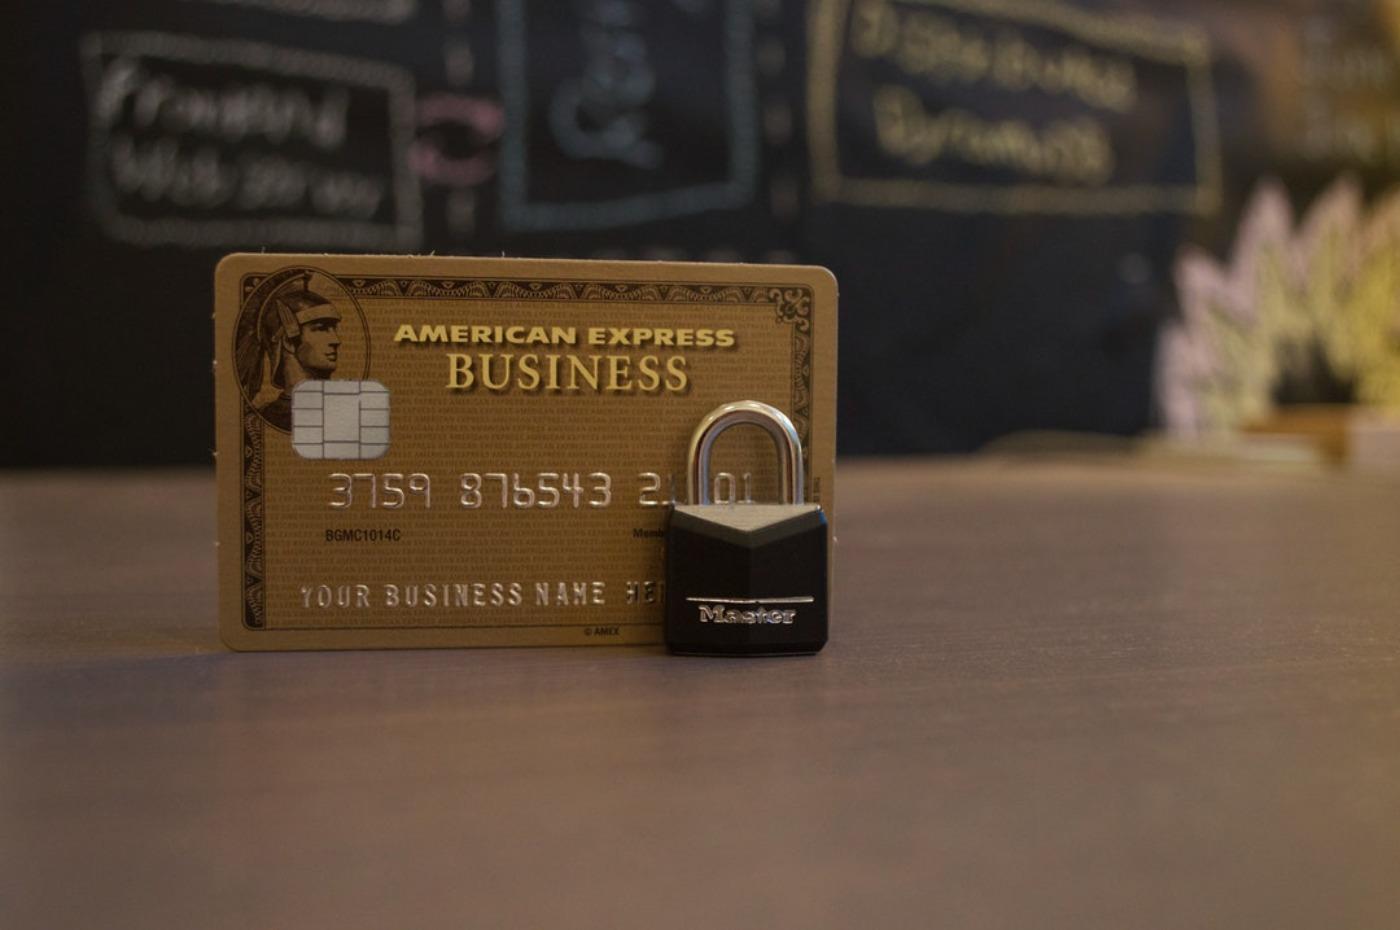 Les cartes bancaires prépayées c'est quoi ?